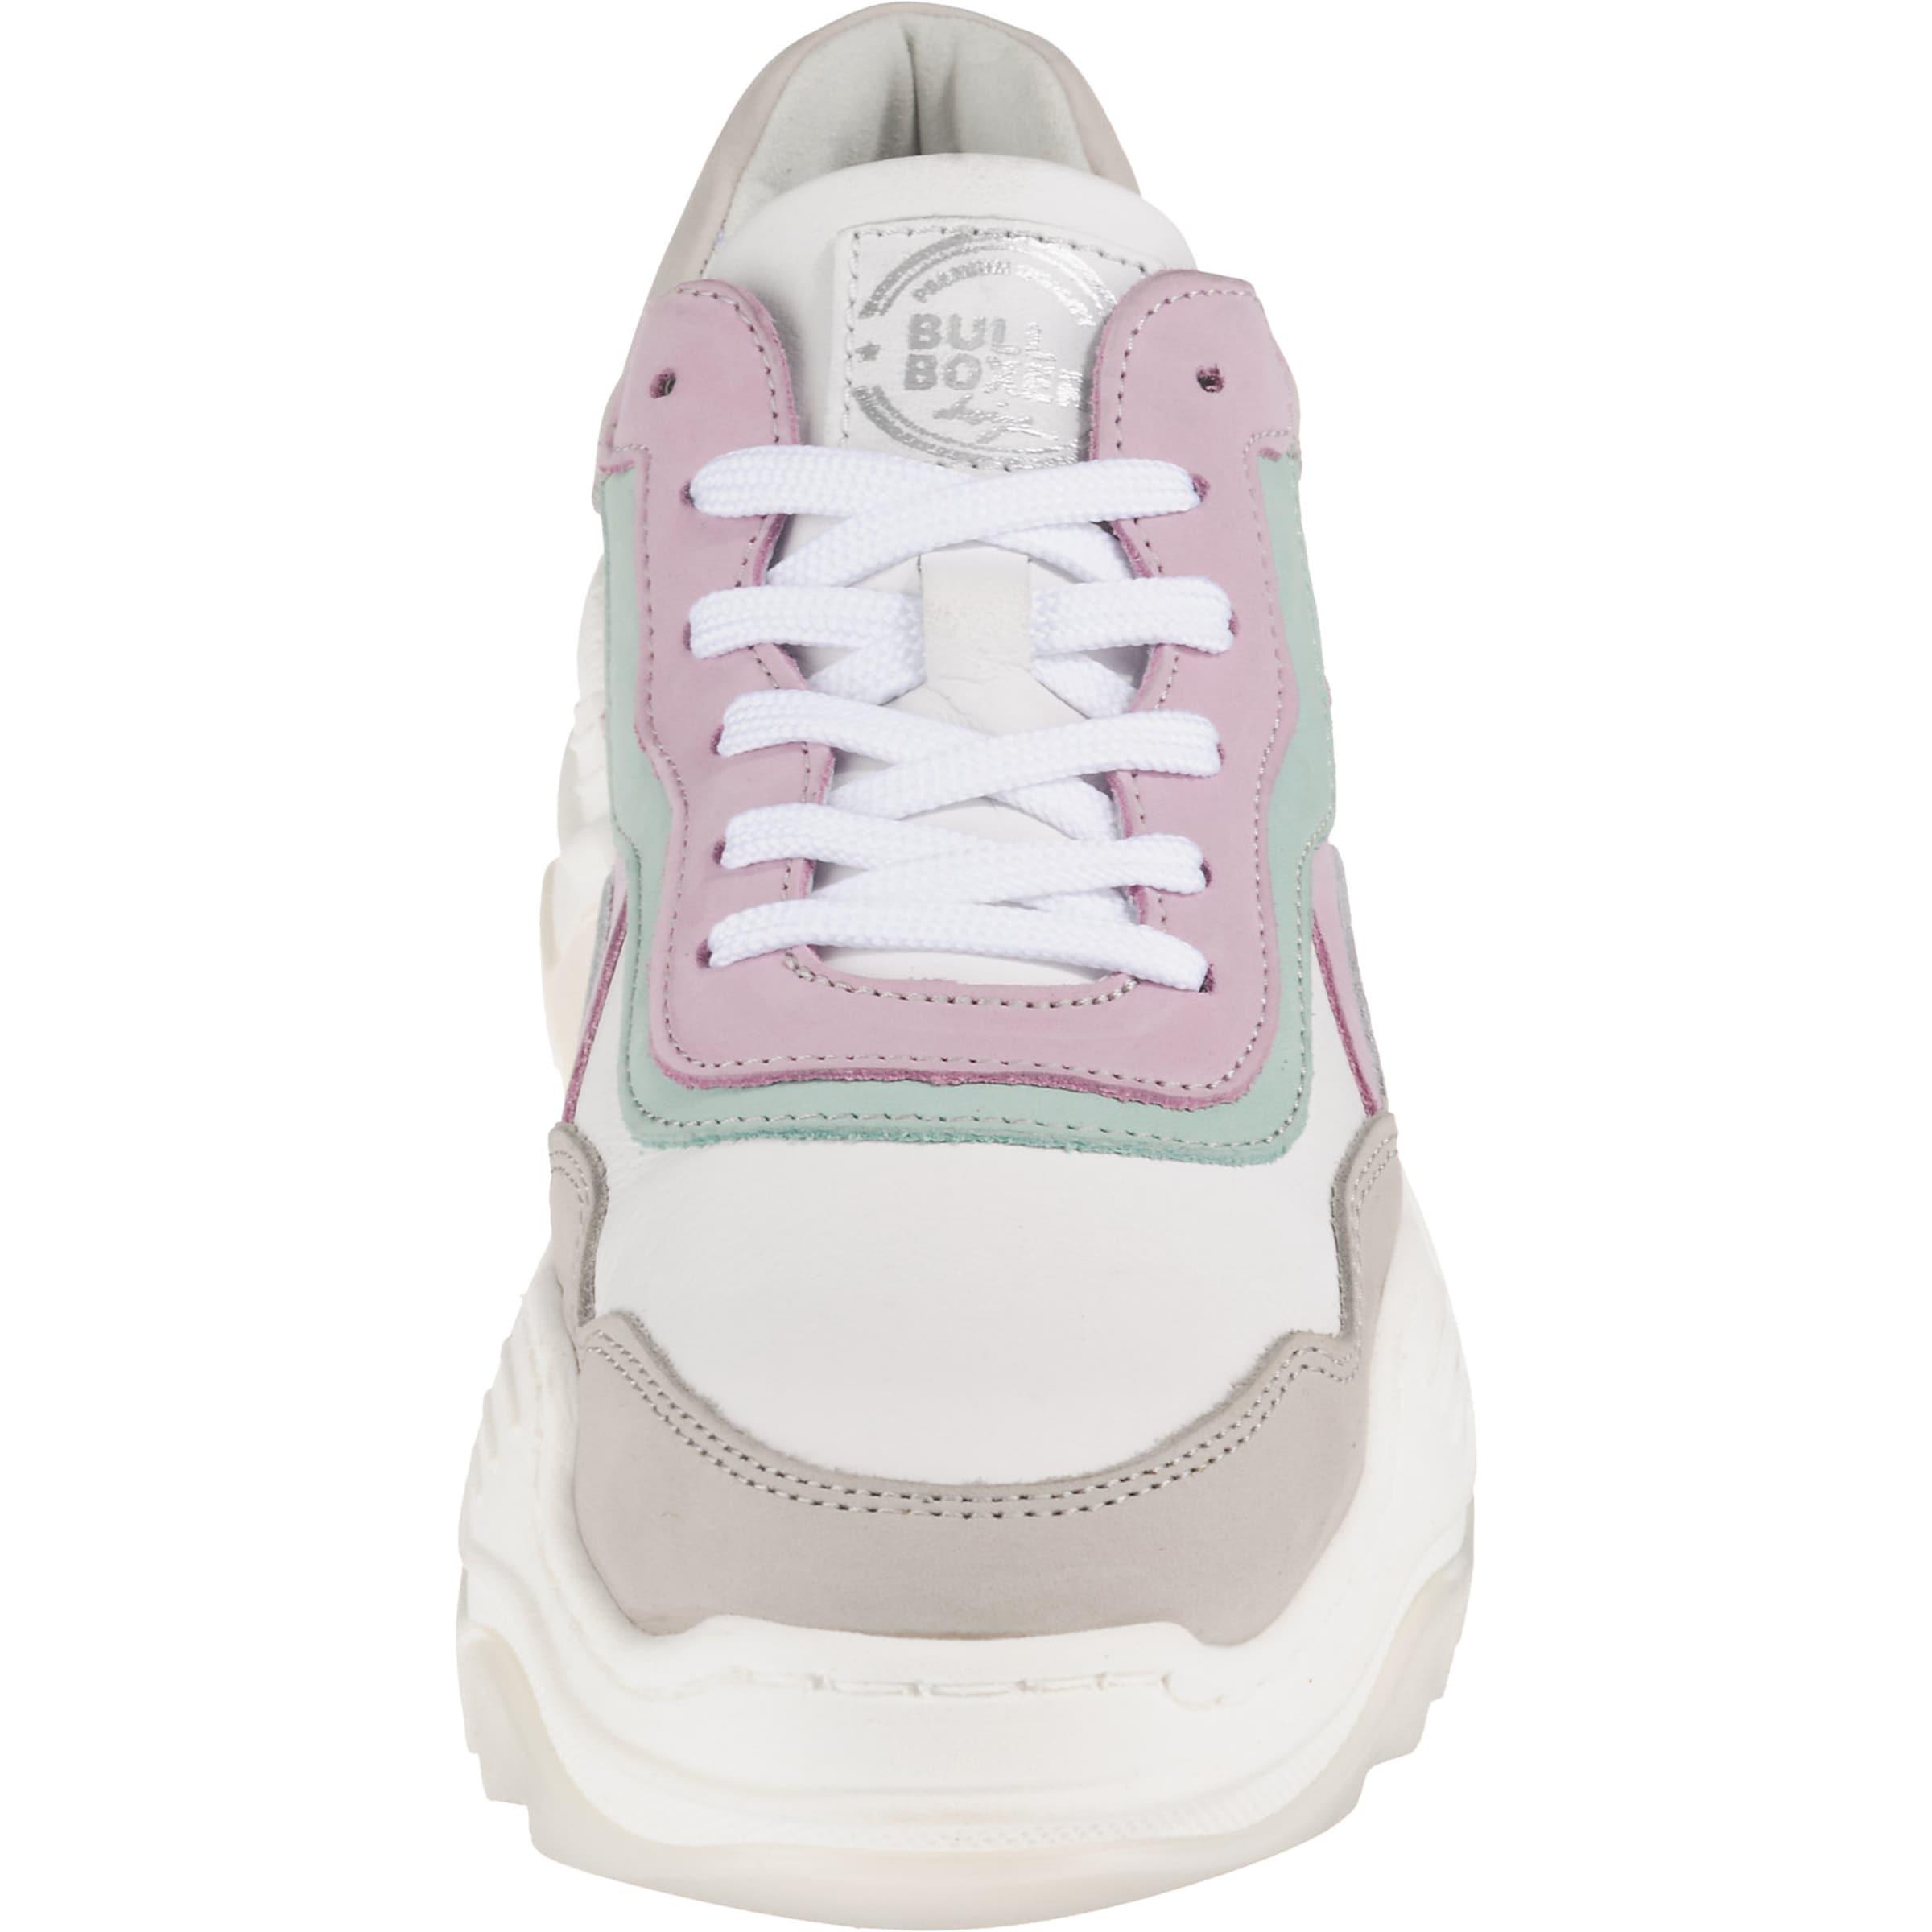 Sneakers Bullboxer Pink In Weiß TaupeMint u3F1TJlKc